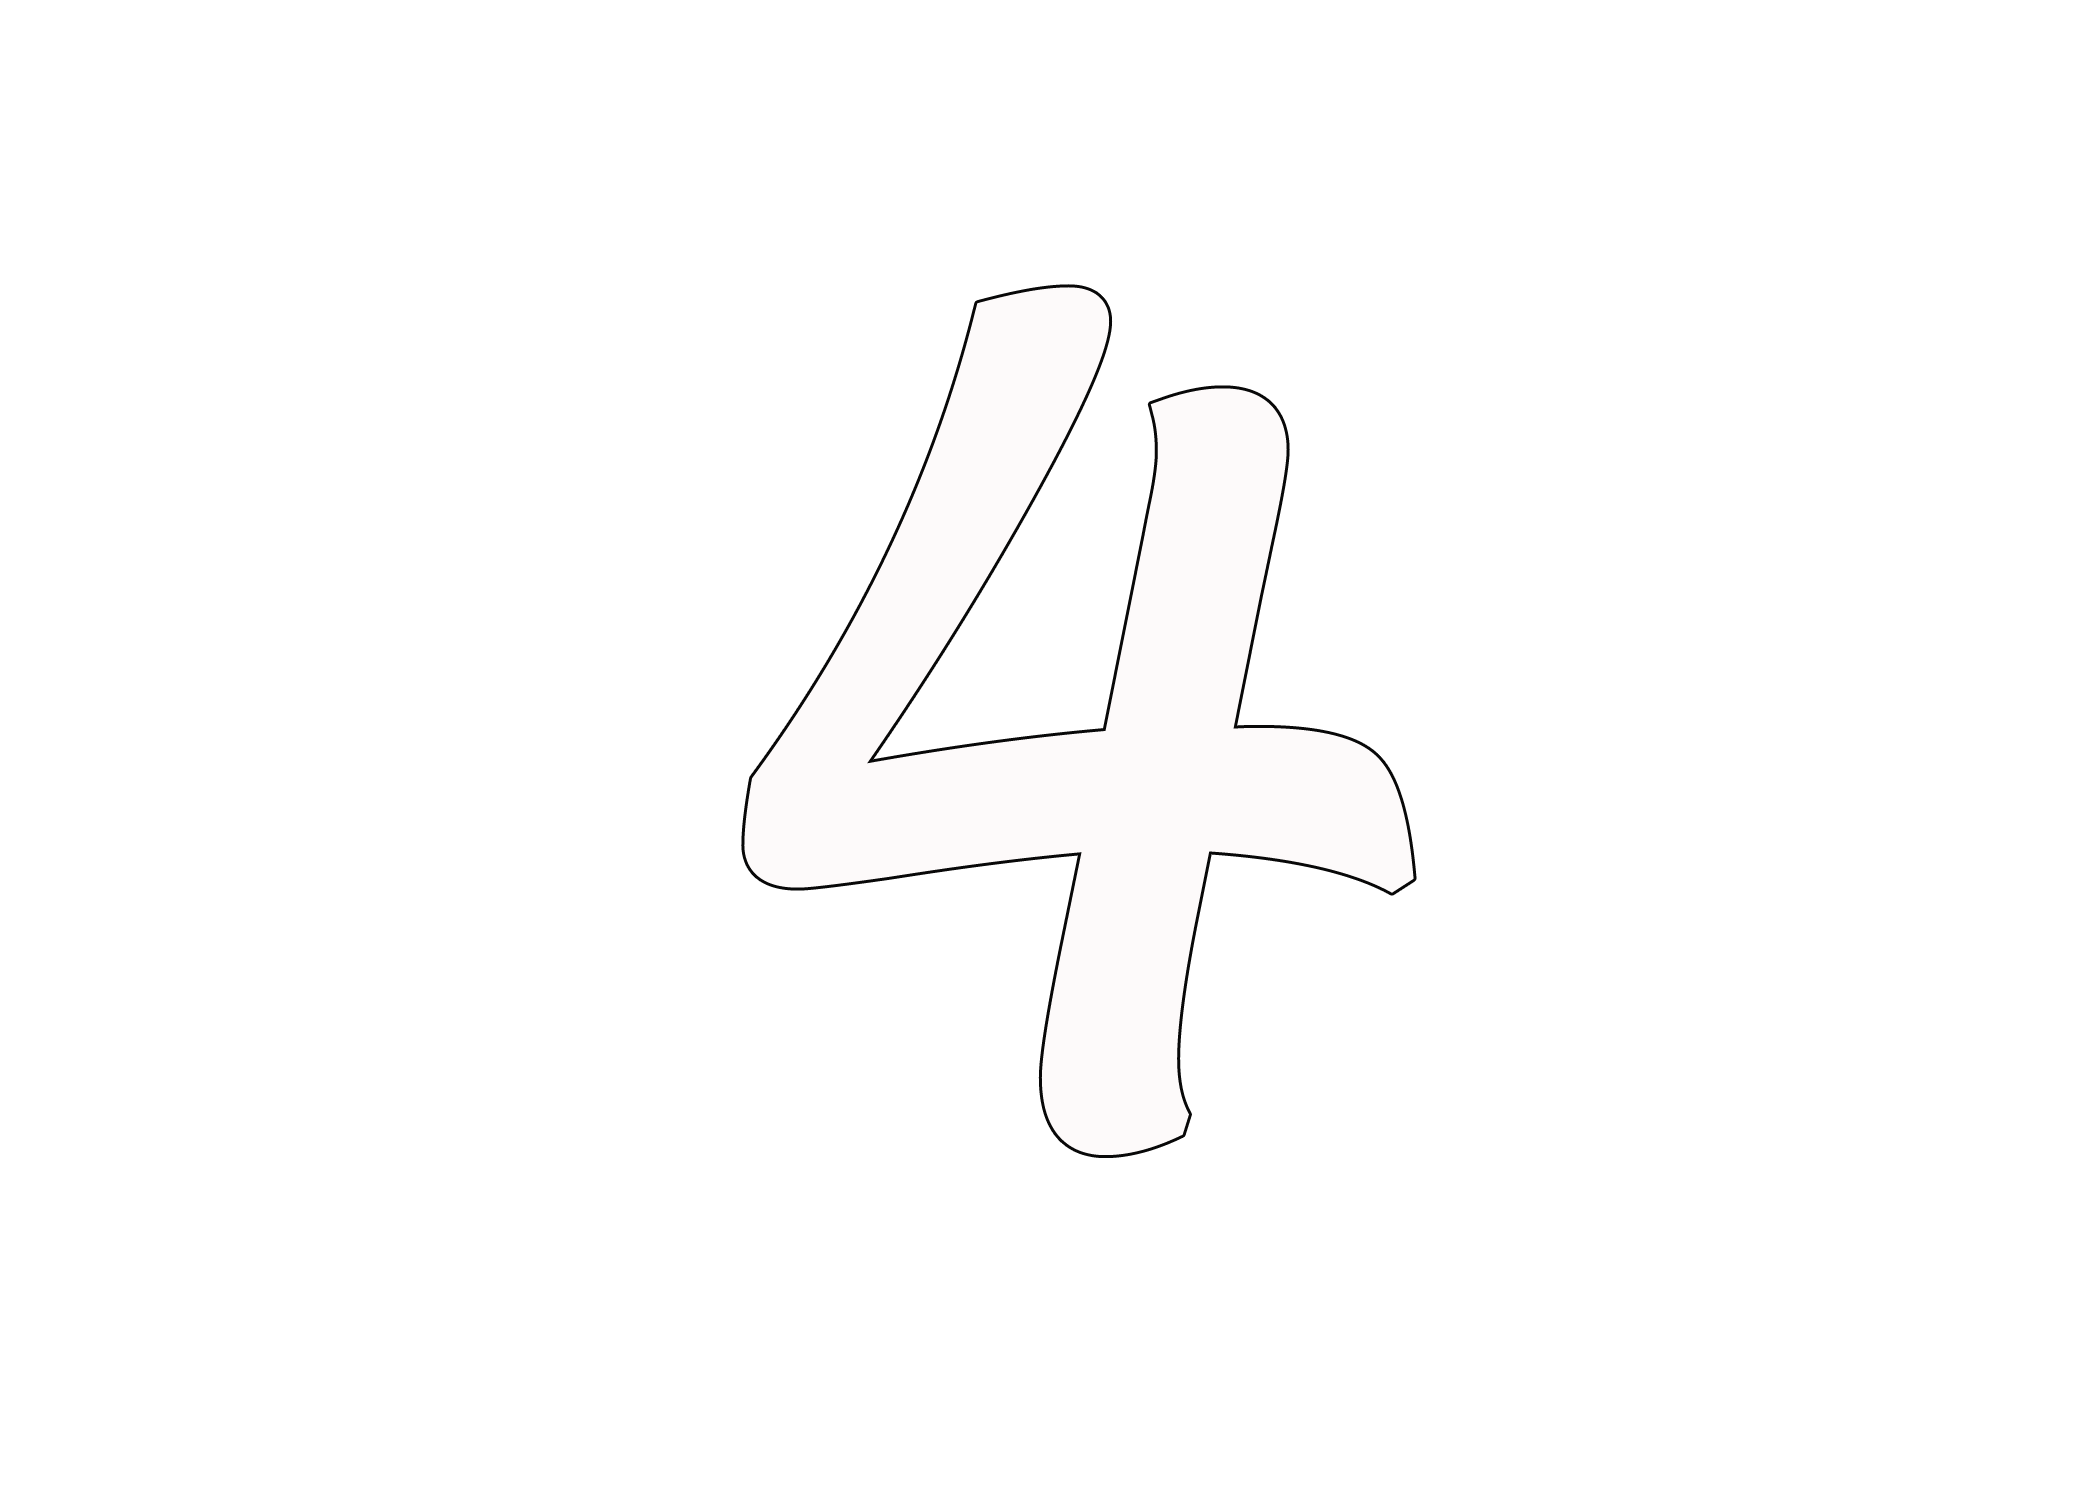 el número 4